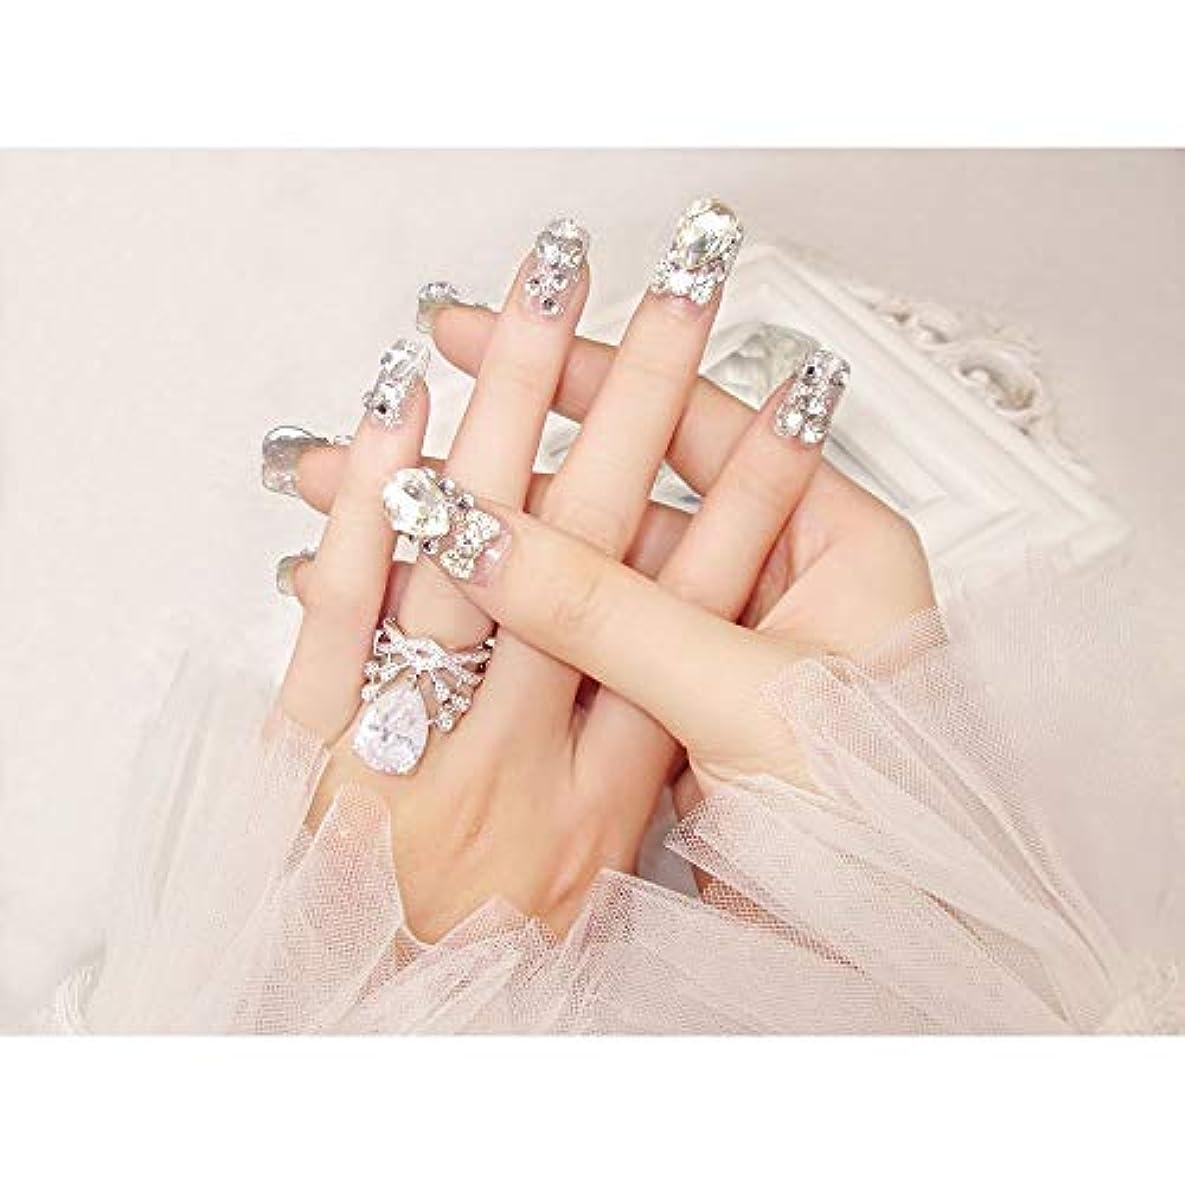 そよ風アナウンサー死傷者TAALESET 完成した偽の釘24ピース箱入り花嫁シャイニー偽の爪の宝石ダイヤモンドの宝石ブライダルネイルステッカー (色 : 24 pieces)